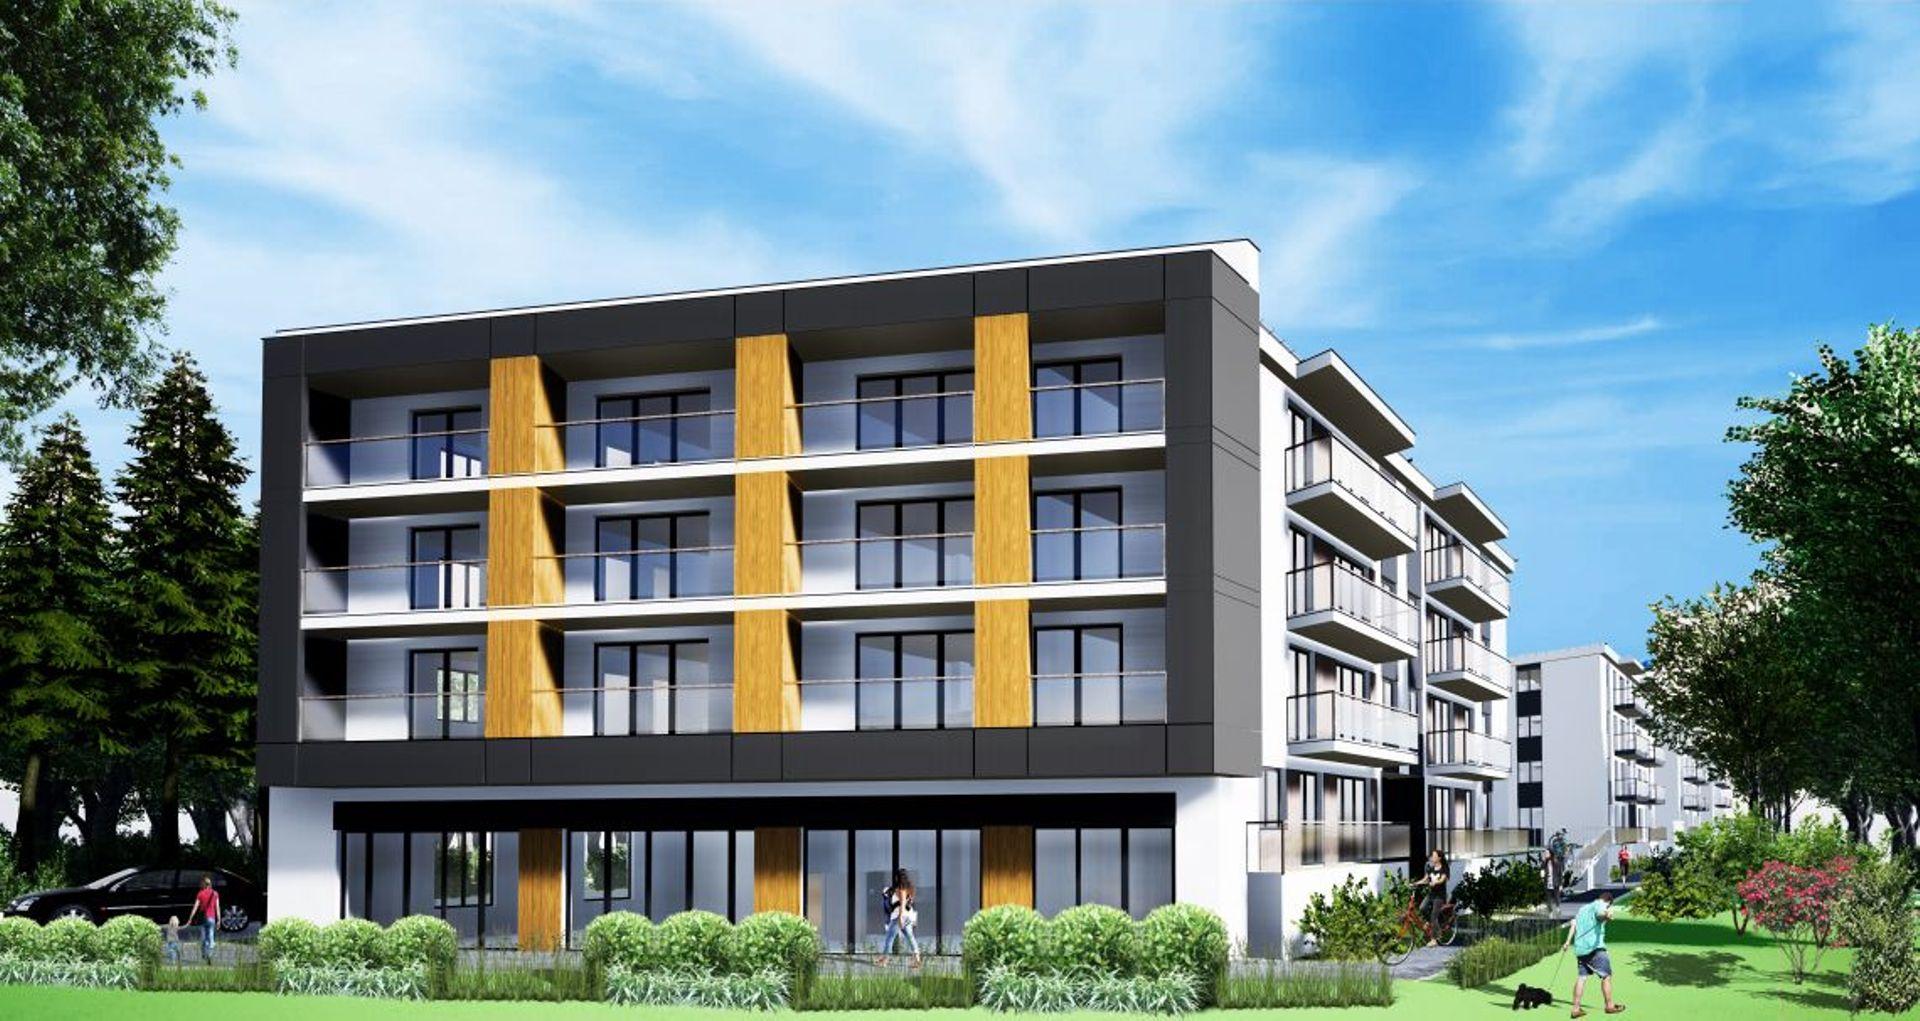 Warszawa: Trakt Lubelski – Konstans buduje dwuetapowe osiedle w Wawrze. Na start ponad sto mieszkań [WIZUALIZACJA]